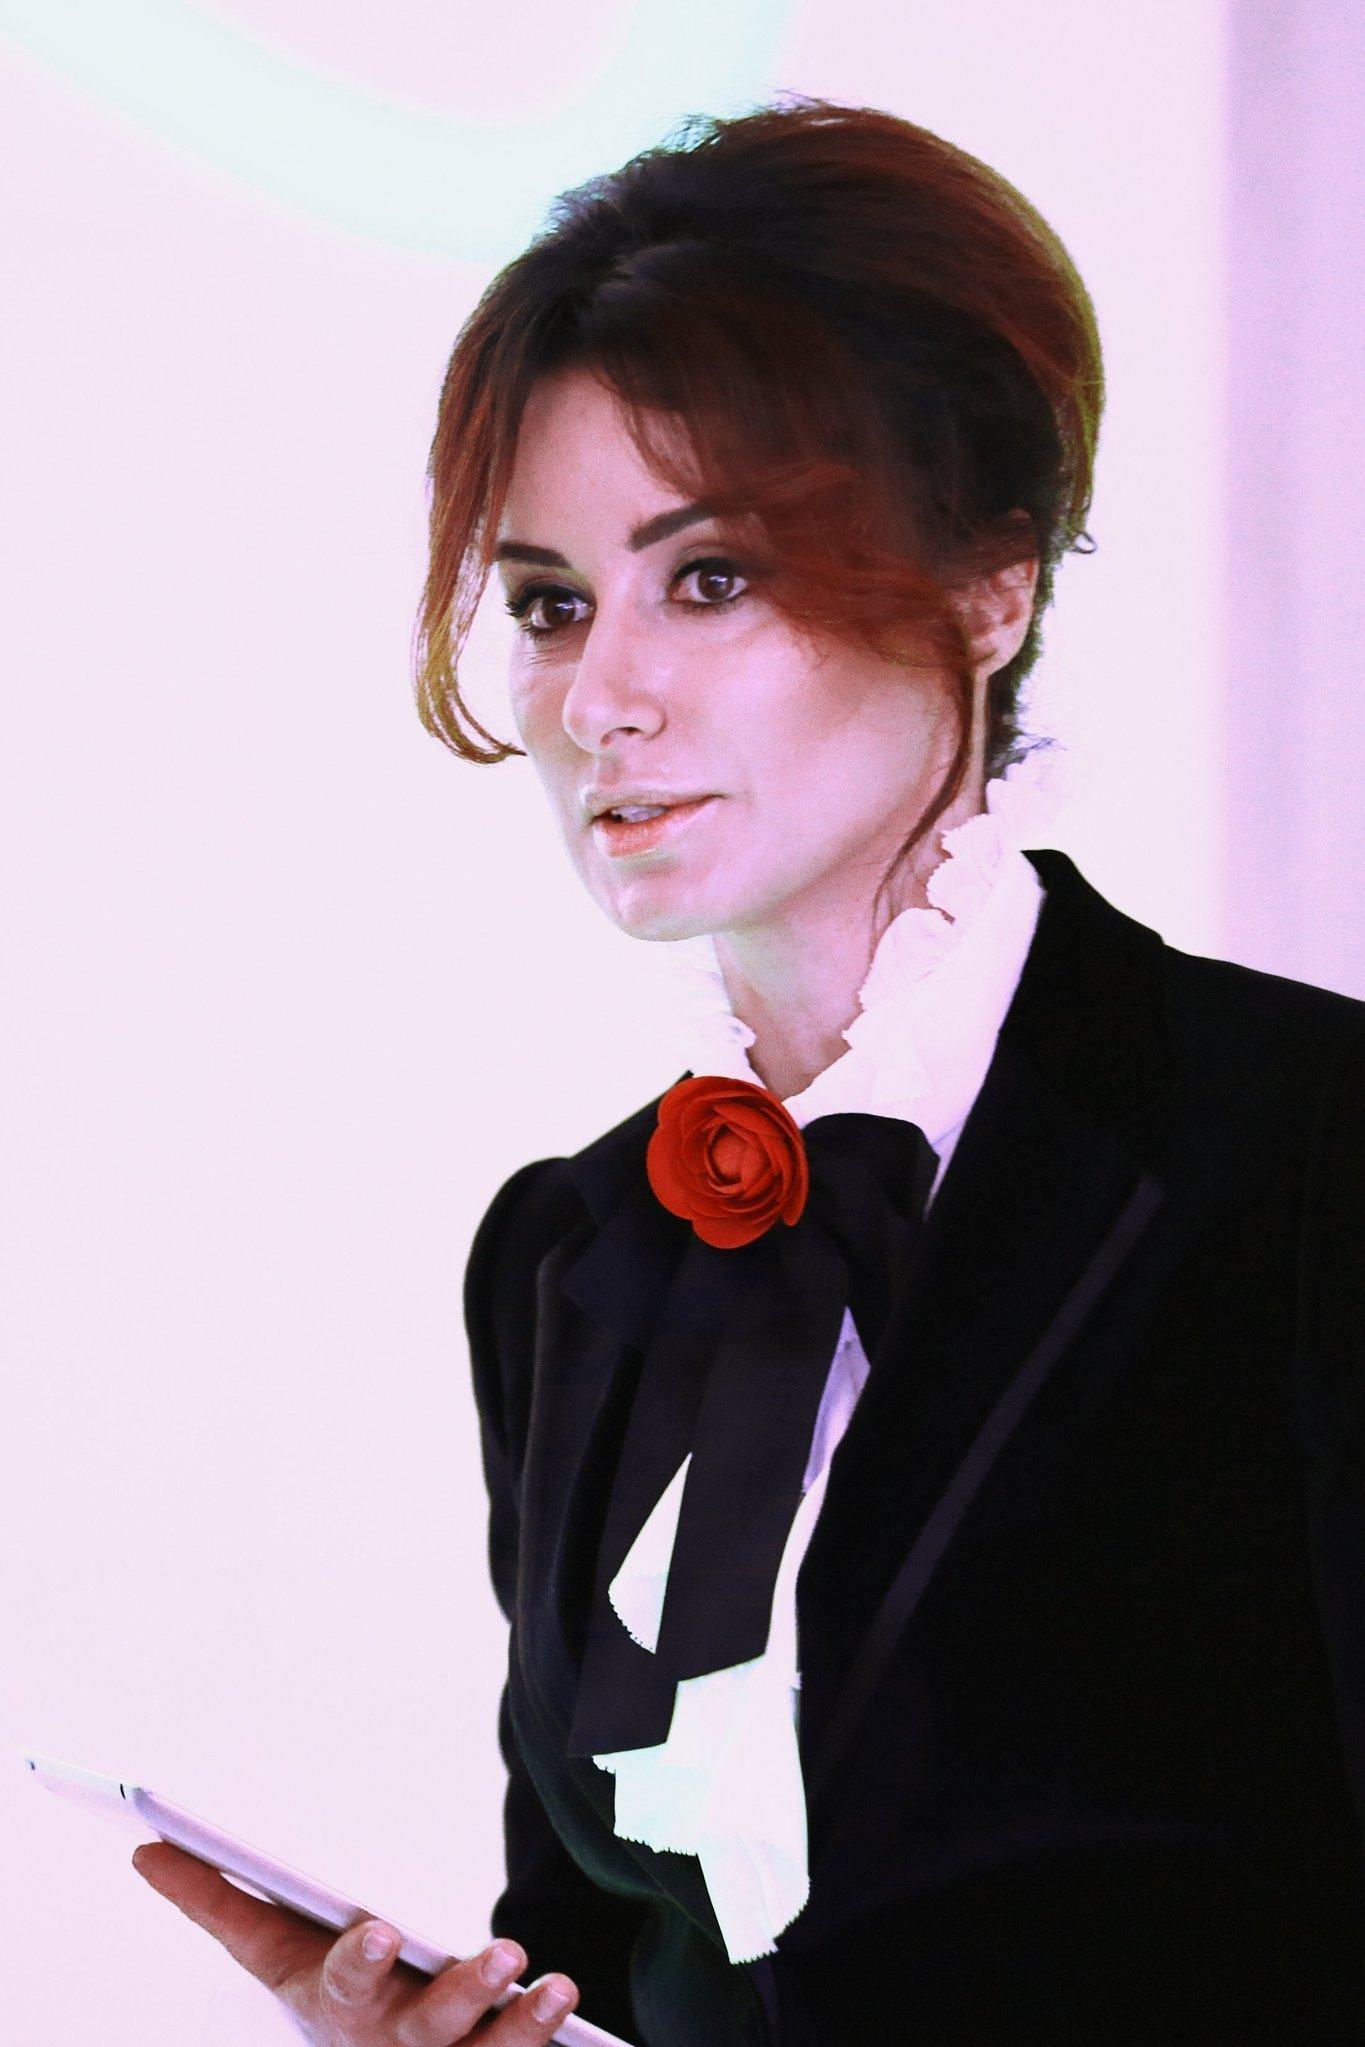 Генеральный продюсер телеканала Матч ТВ, телеведущая Тина Канделаки во время презентации телеканала Матч ТВ